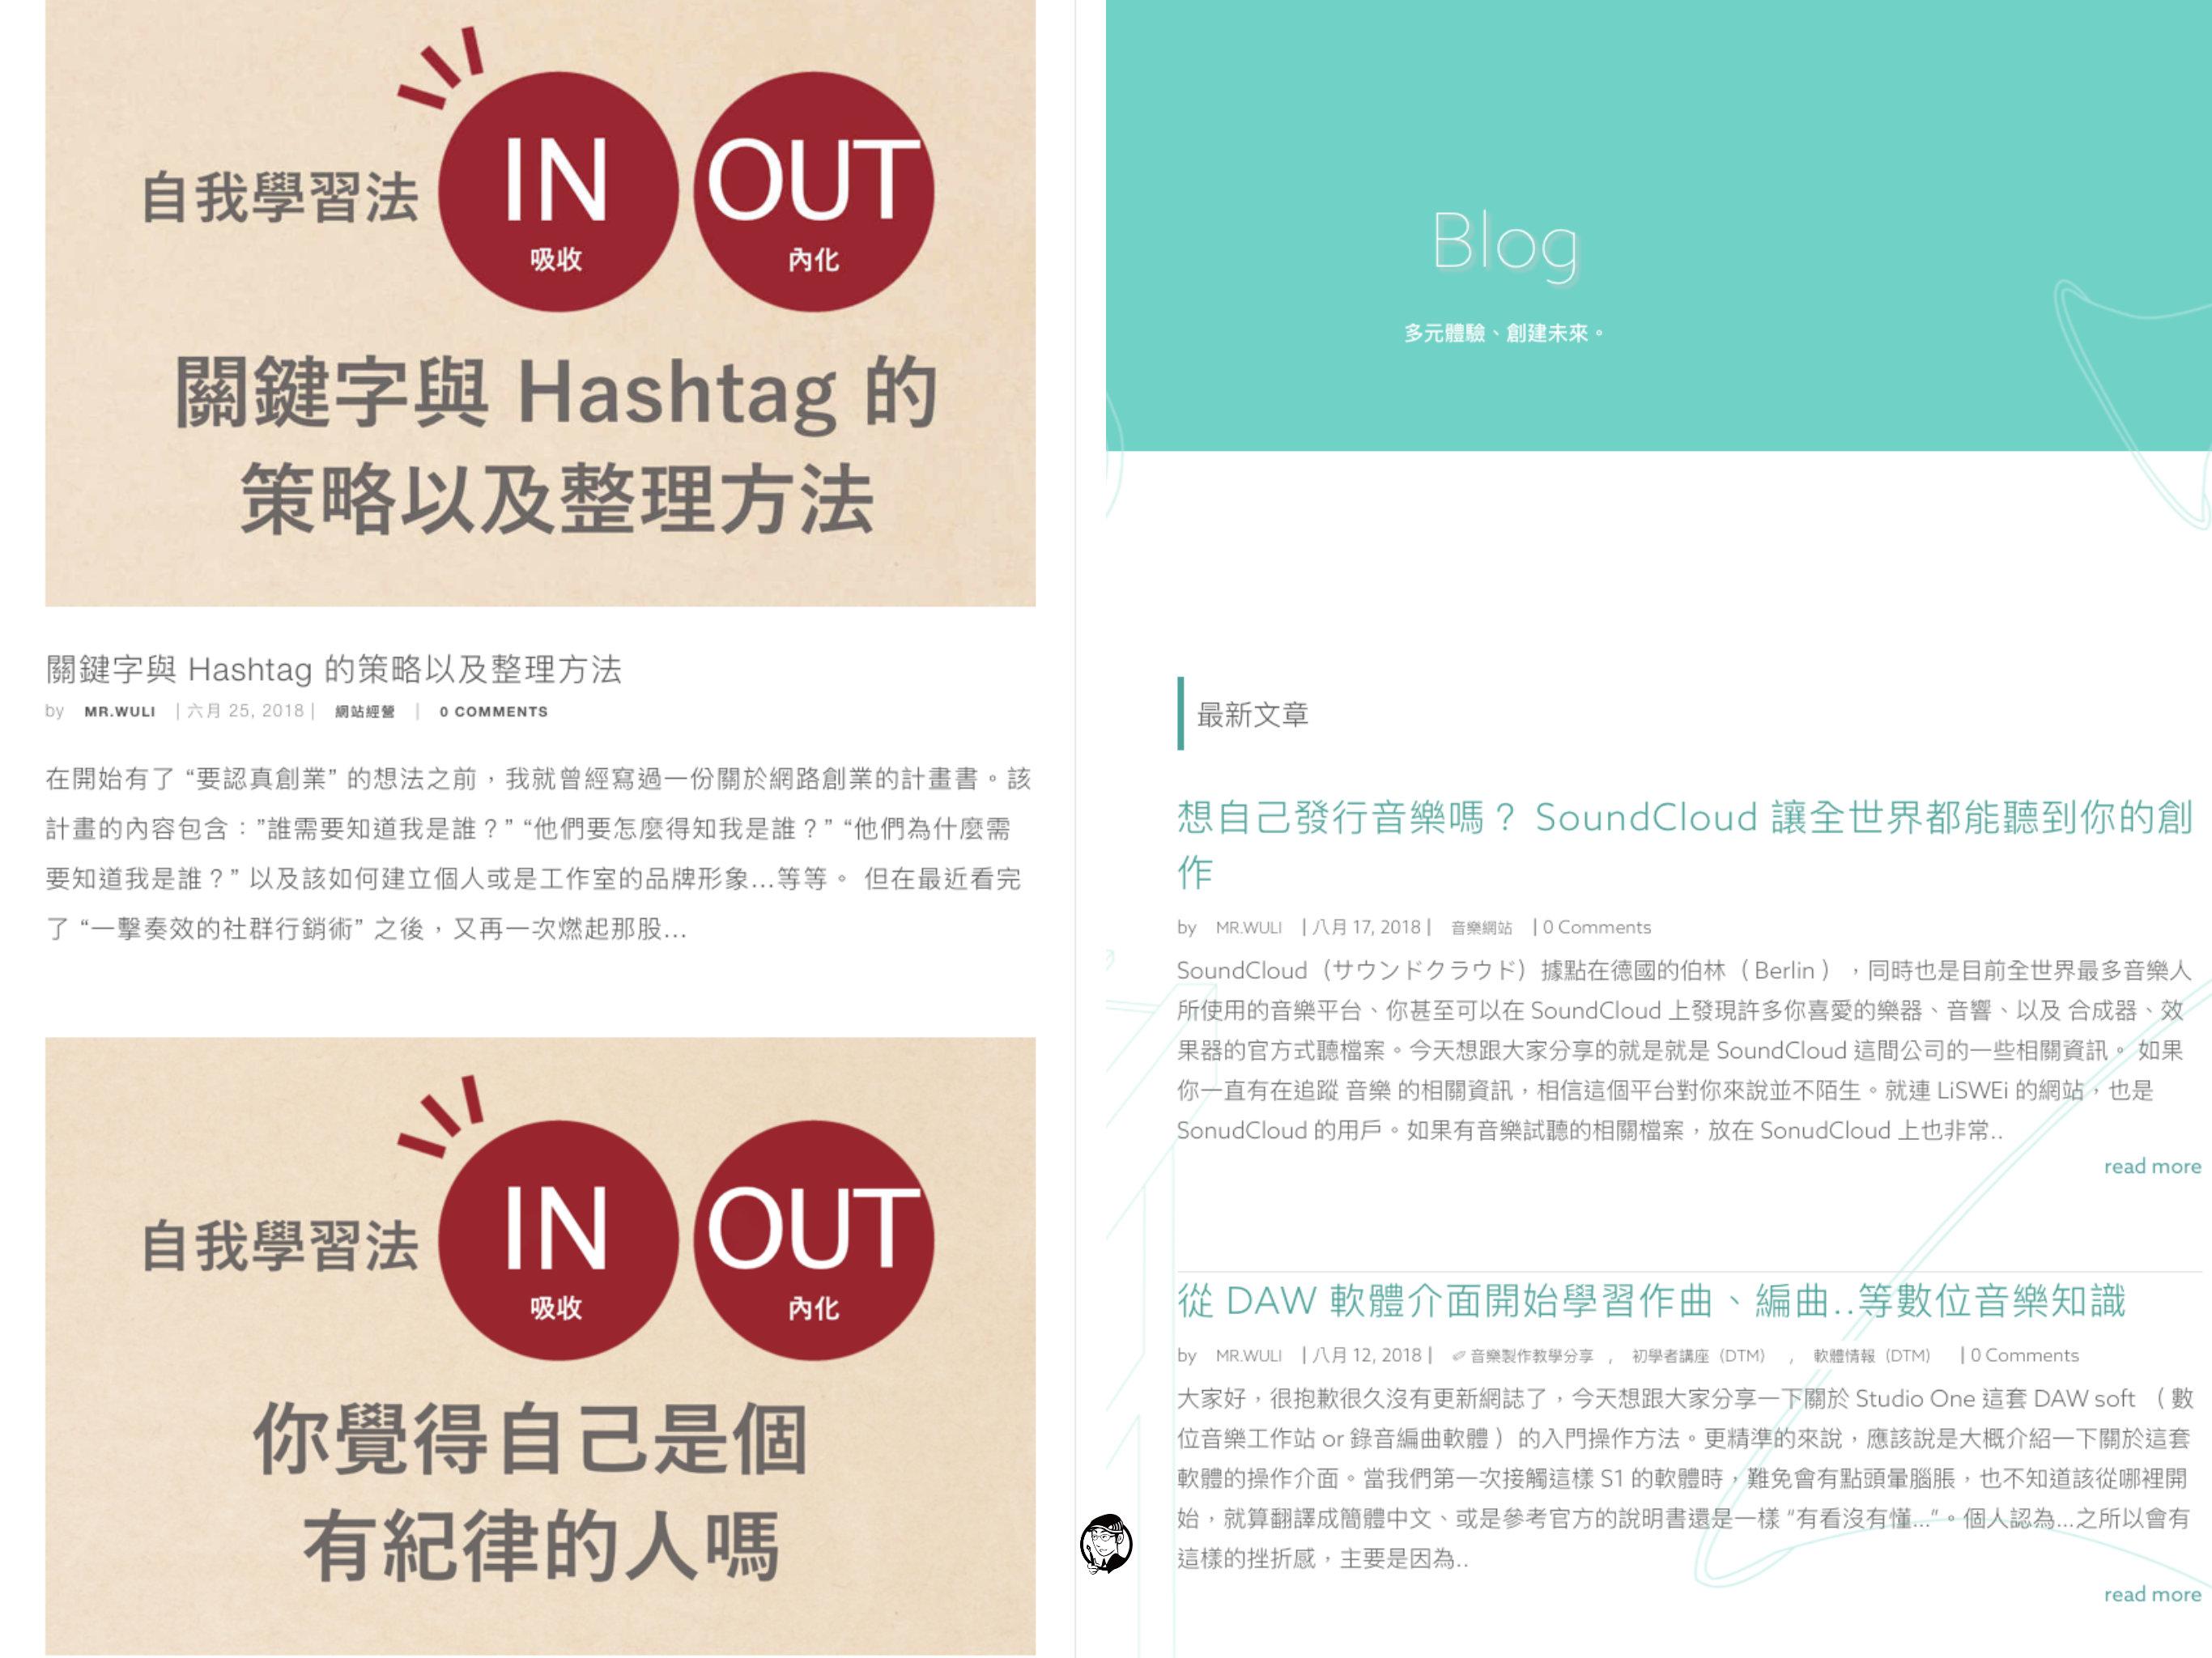 目前主要經營的兩個網站,左邊是 MRWULI.COM 右邊是 LiSWEi.com ; 分別記載著不同的內容。